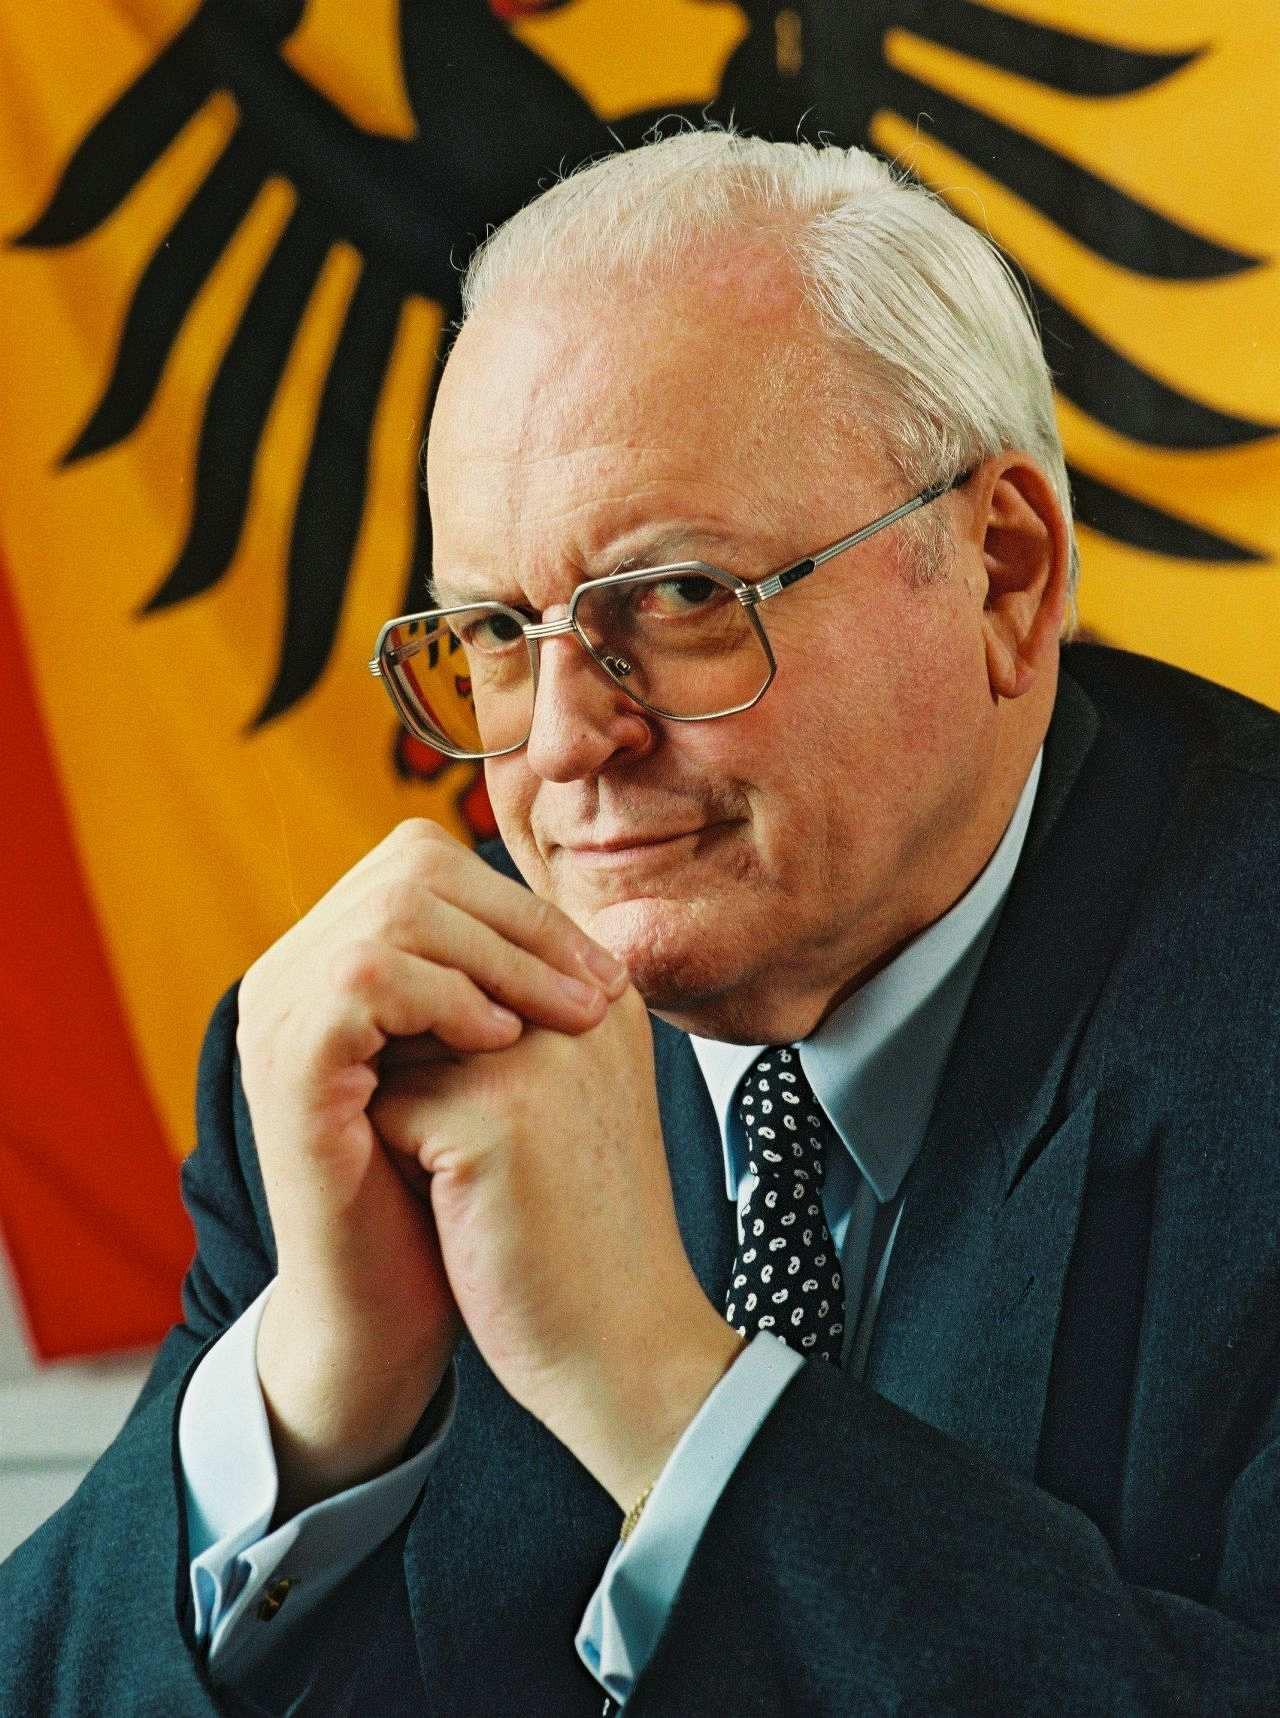 Porträtfoto von Roman Herzog, Bundespräsident (1994-1999).